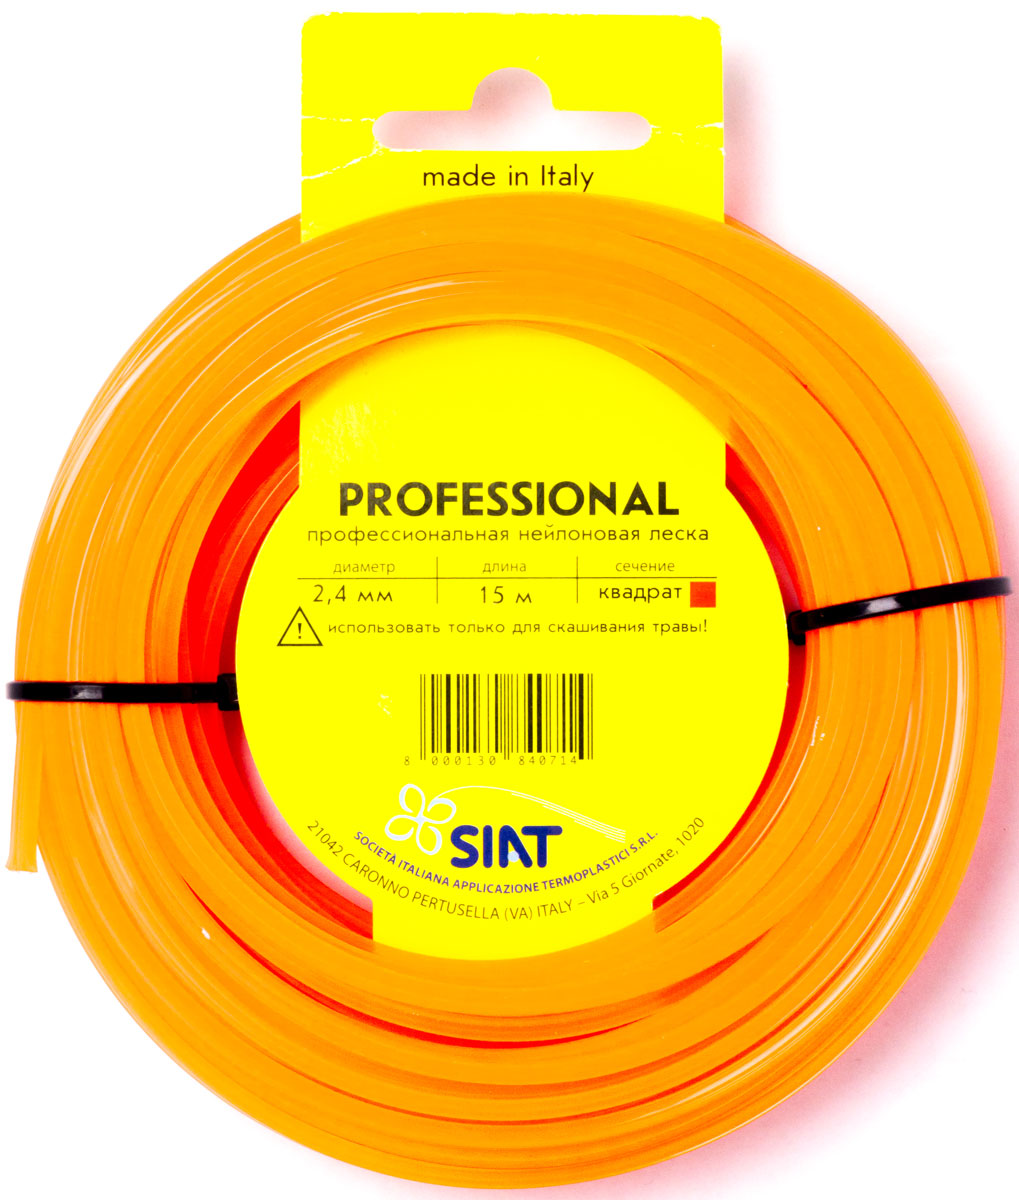 Леска для триммера Siat Professional Siat. Квадрат, диаметр 2,4 мм, длина 15 м556012Профессиональная нейлоновая леска высокой прочности и гибкости